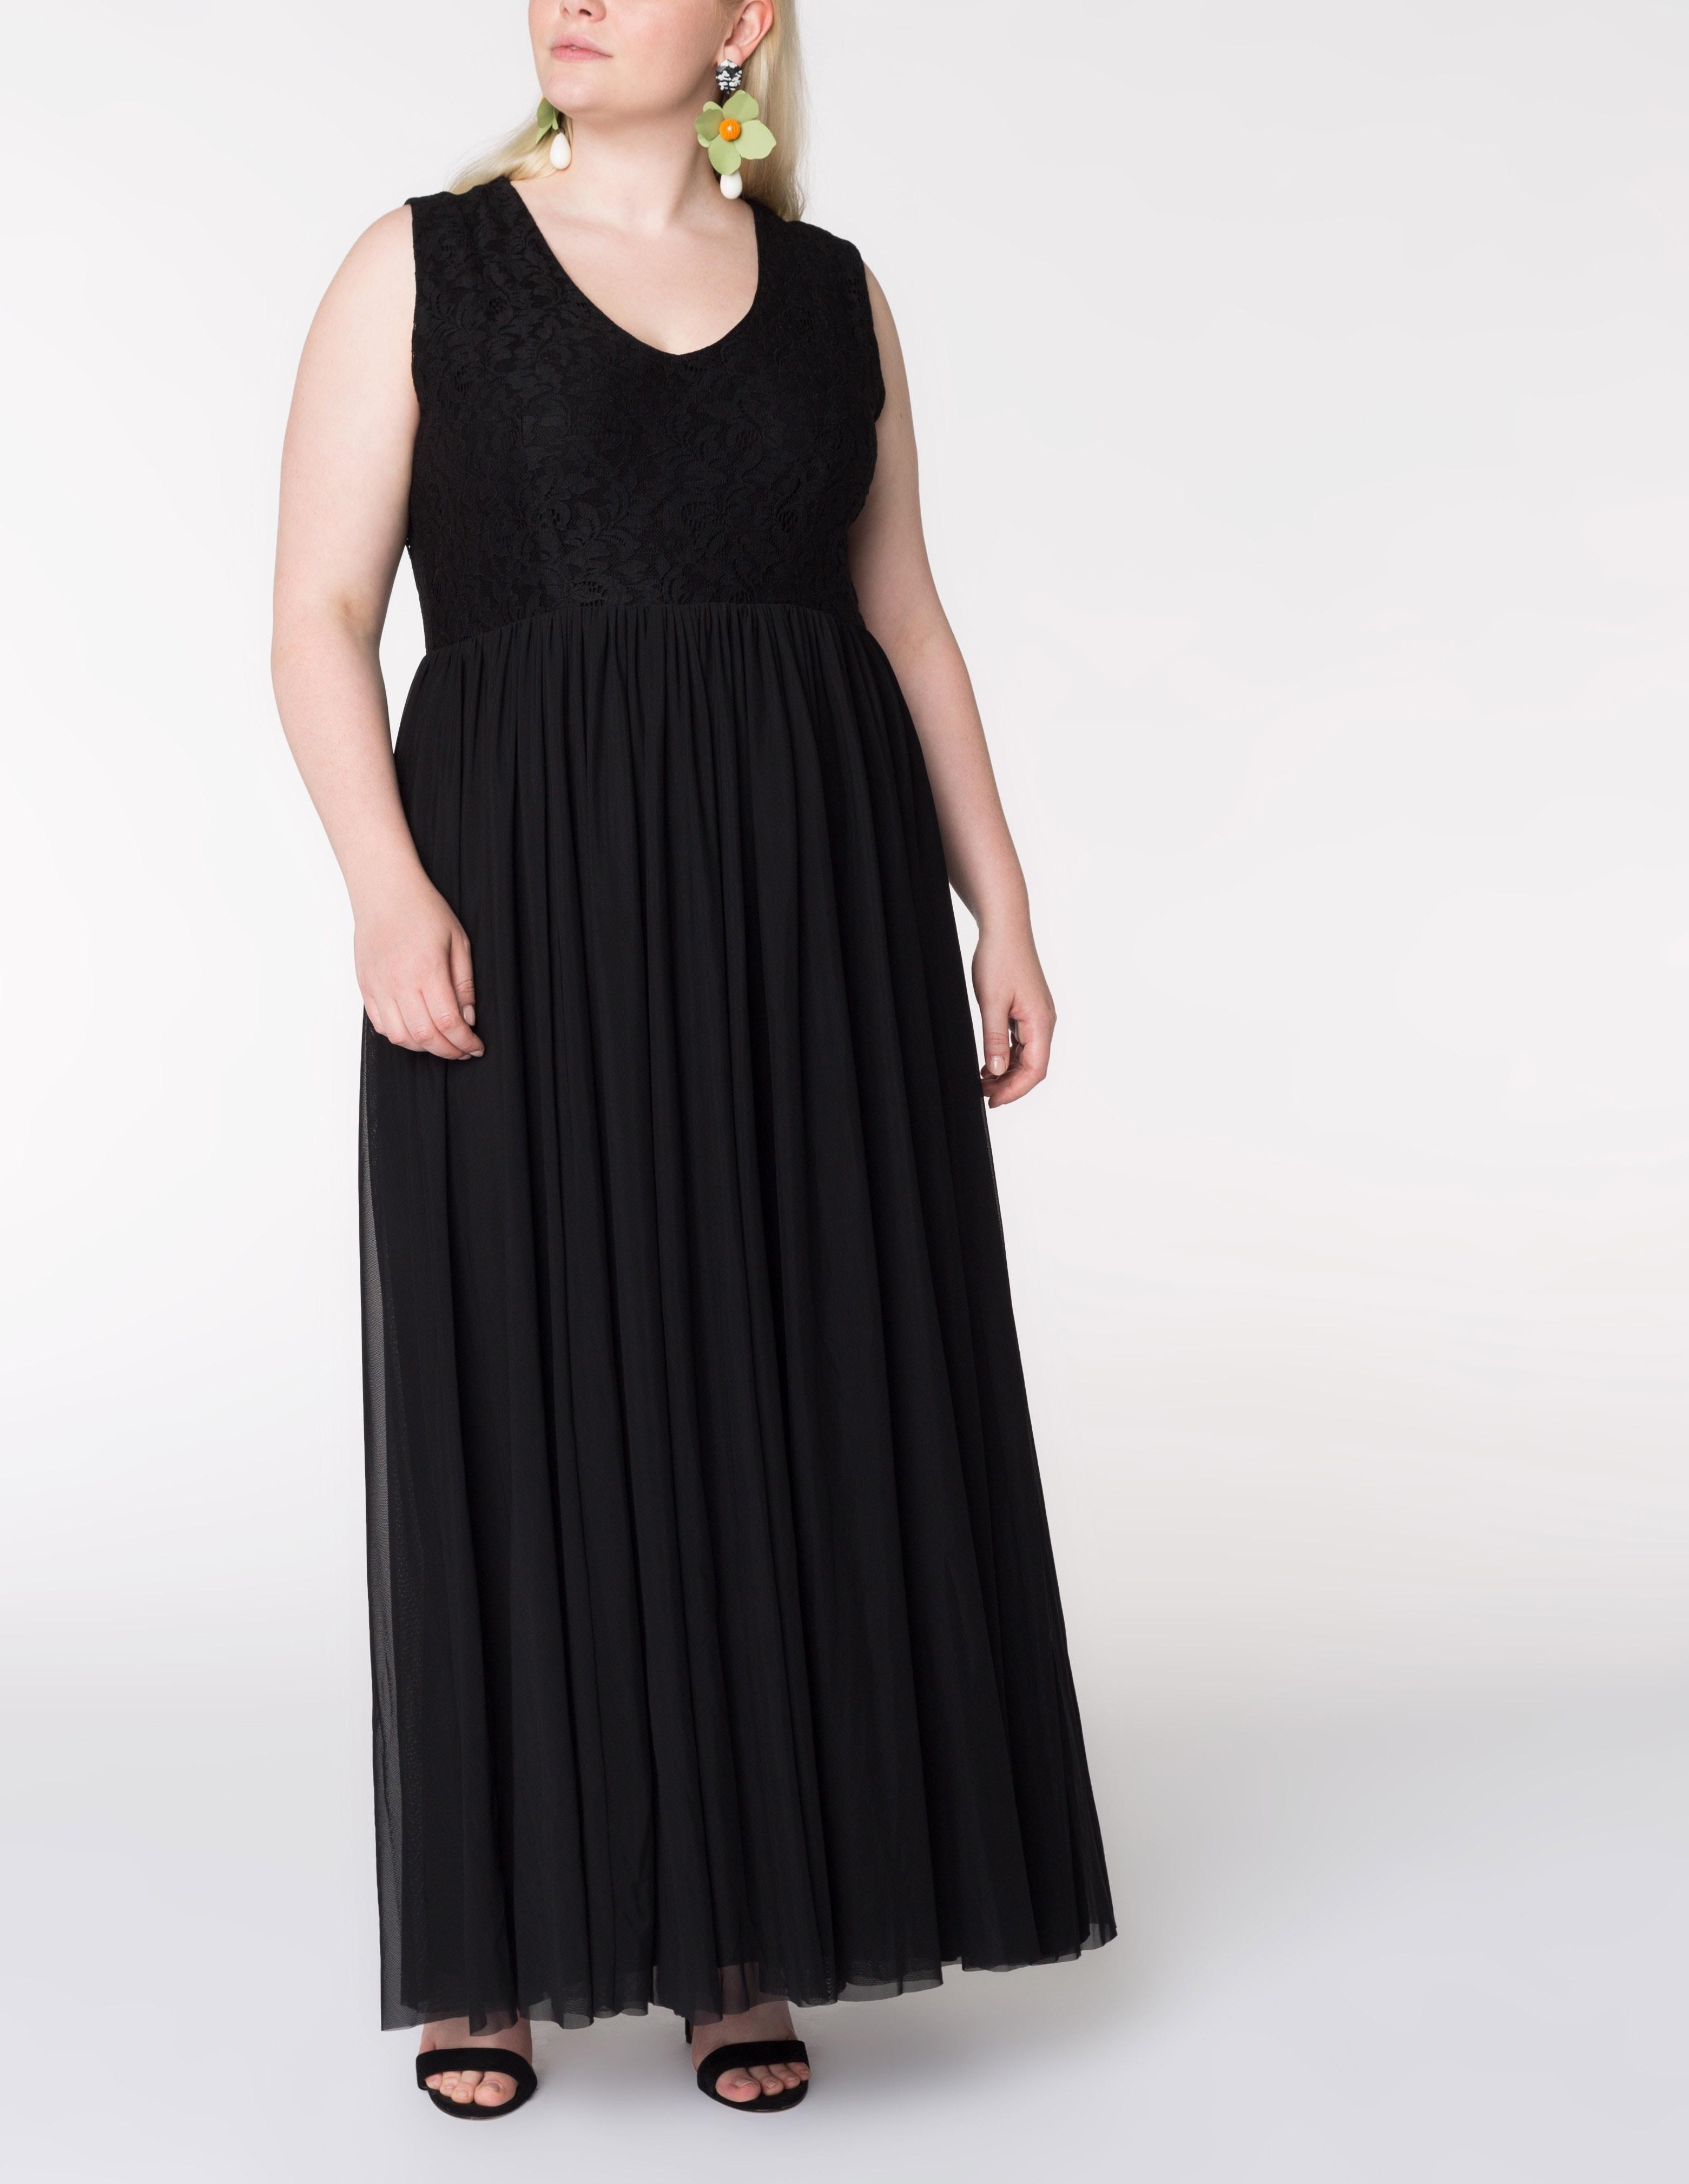 15 Schön Abendkleid 48 Bester PreisDesigner Wunderbar Abendkleid 48 Spezialgebiet